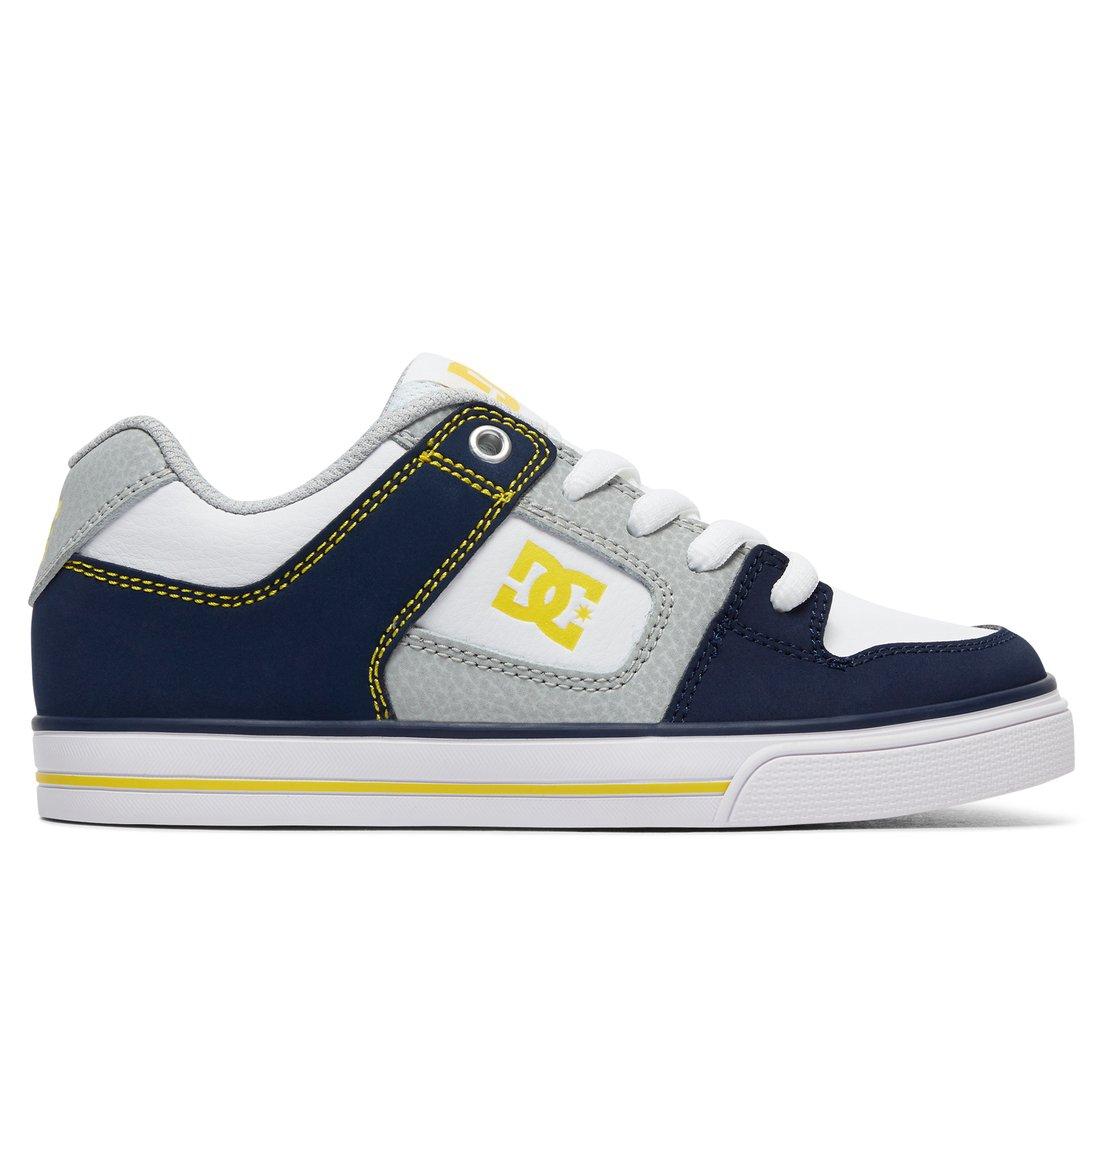 DC Shoes Pure - Shoes - Schuhe - Jungen - EU 30 - Blau